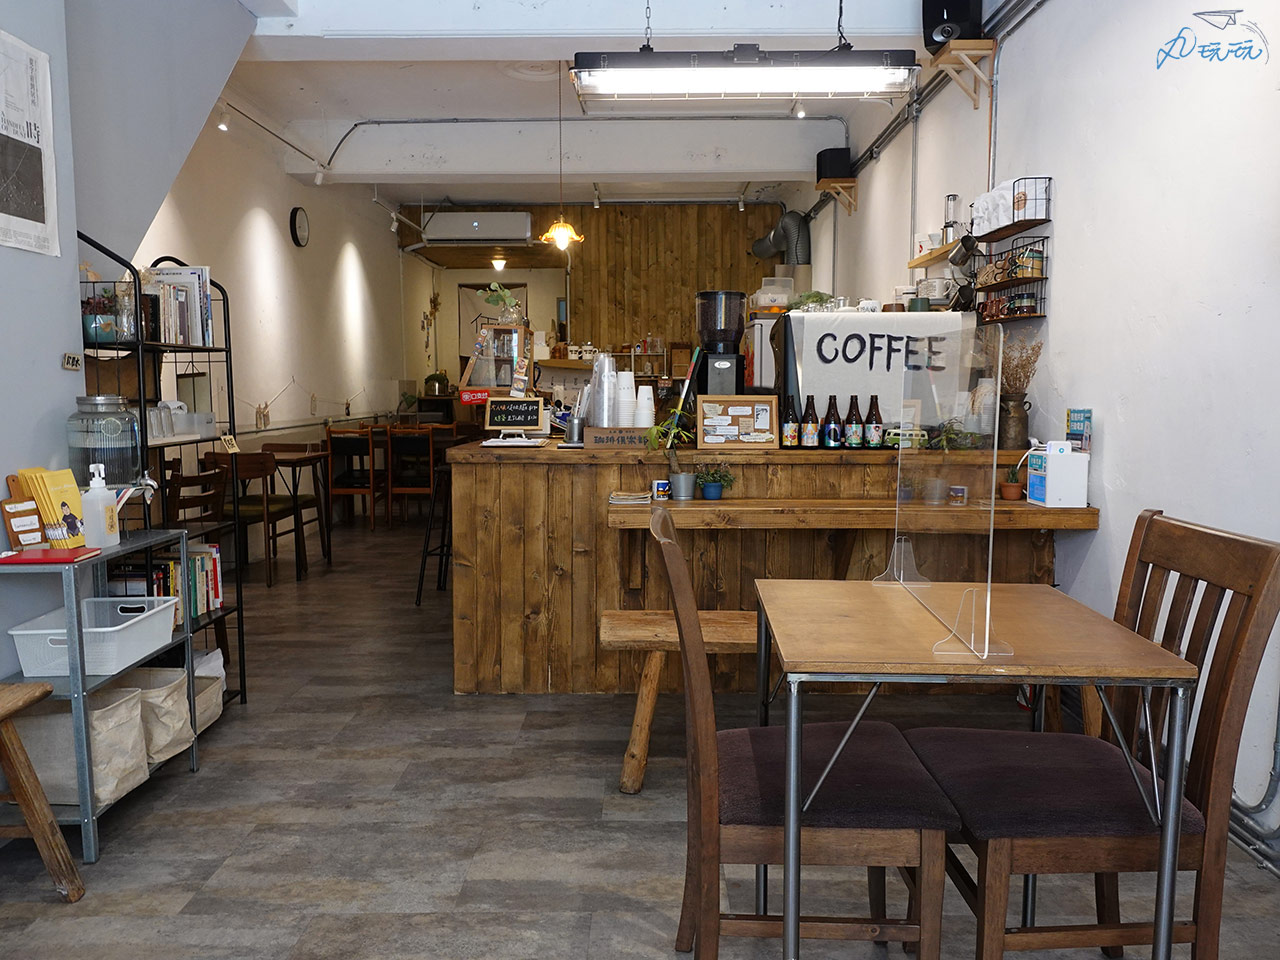 行天宮咖啡廳推薦